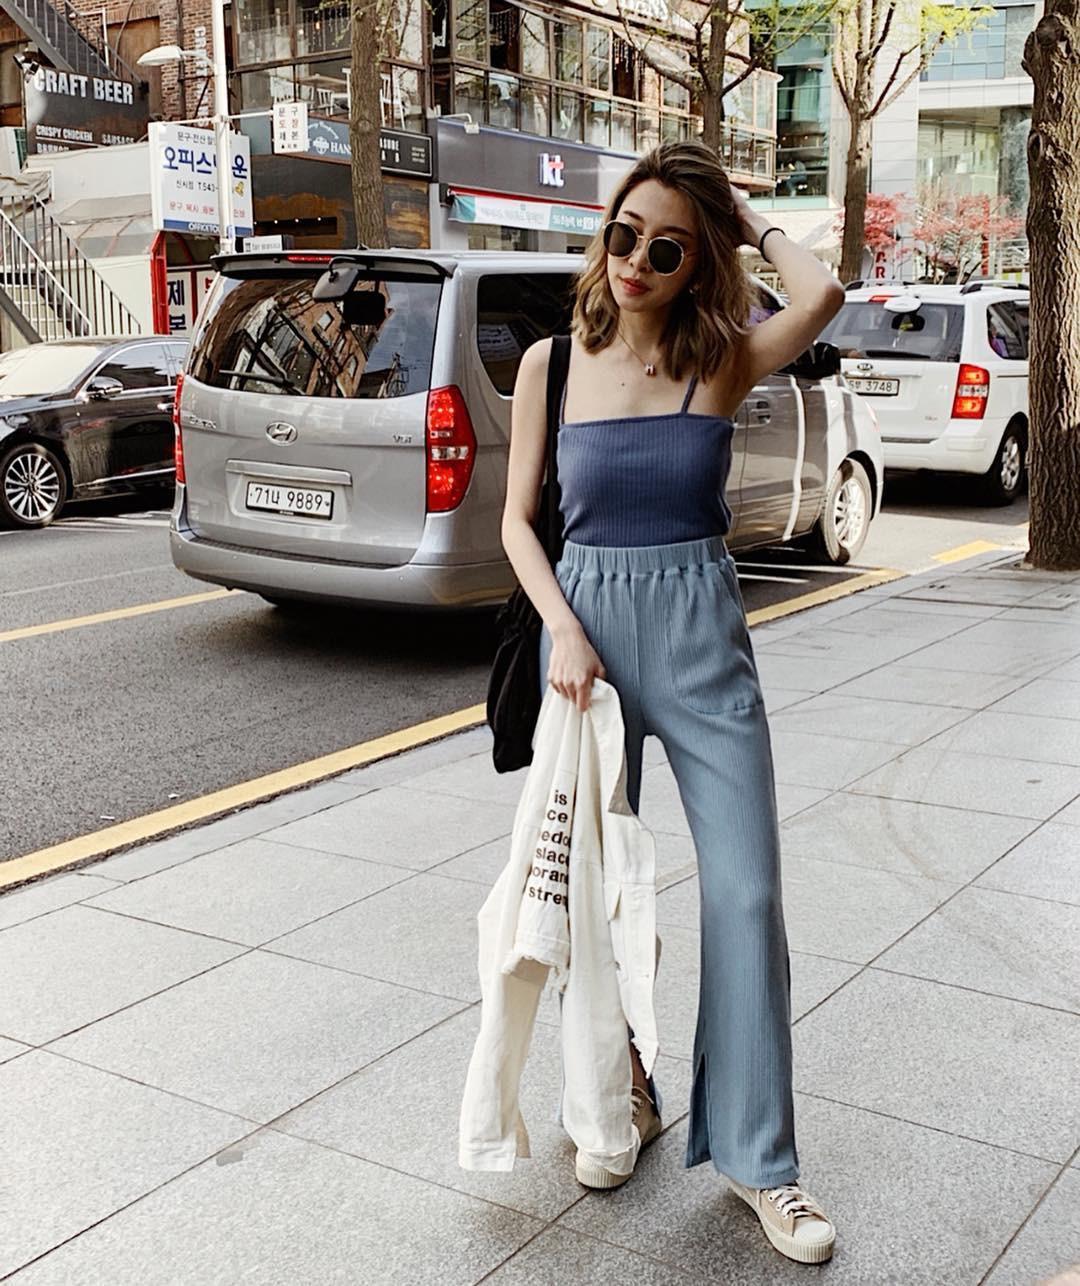 Bạn sẽ hối hận nếu không thử style tối giản, bởi đây là cách nhanh nhất giúp mọi chị em mặc đẹp và sang 365 ngày - Ảnh 2